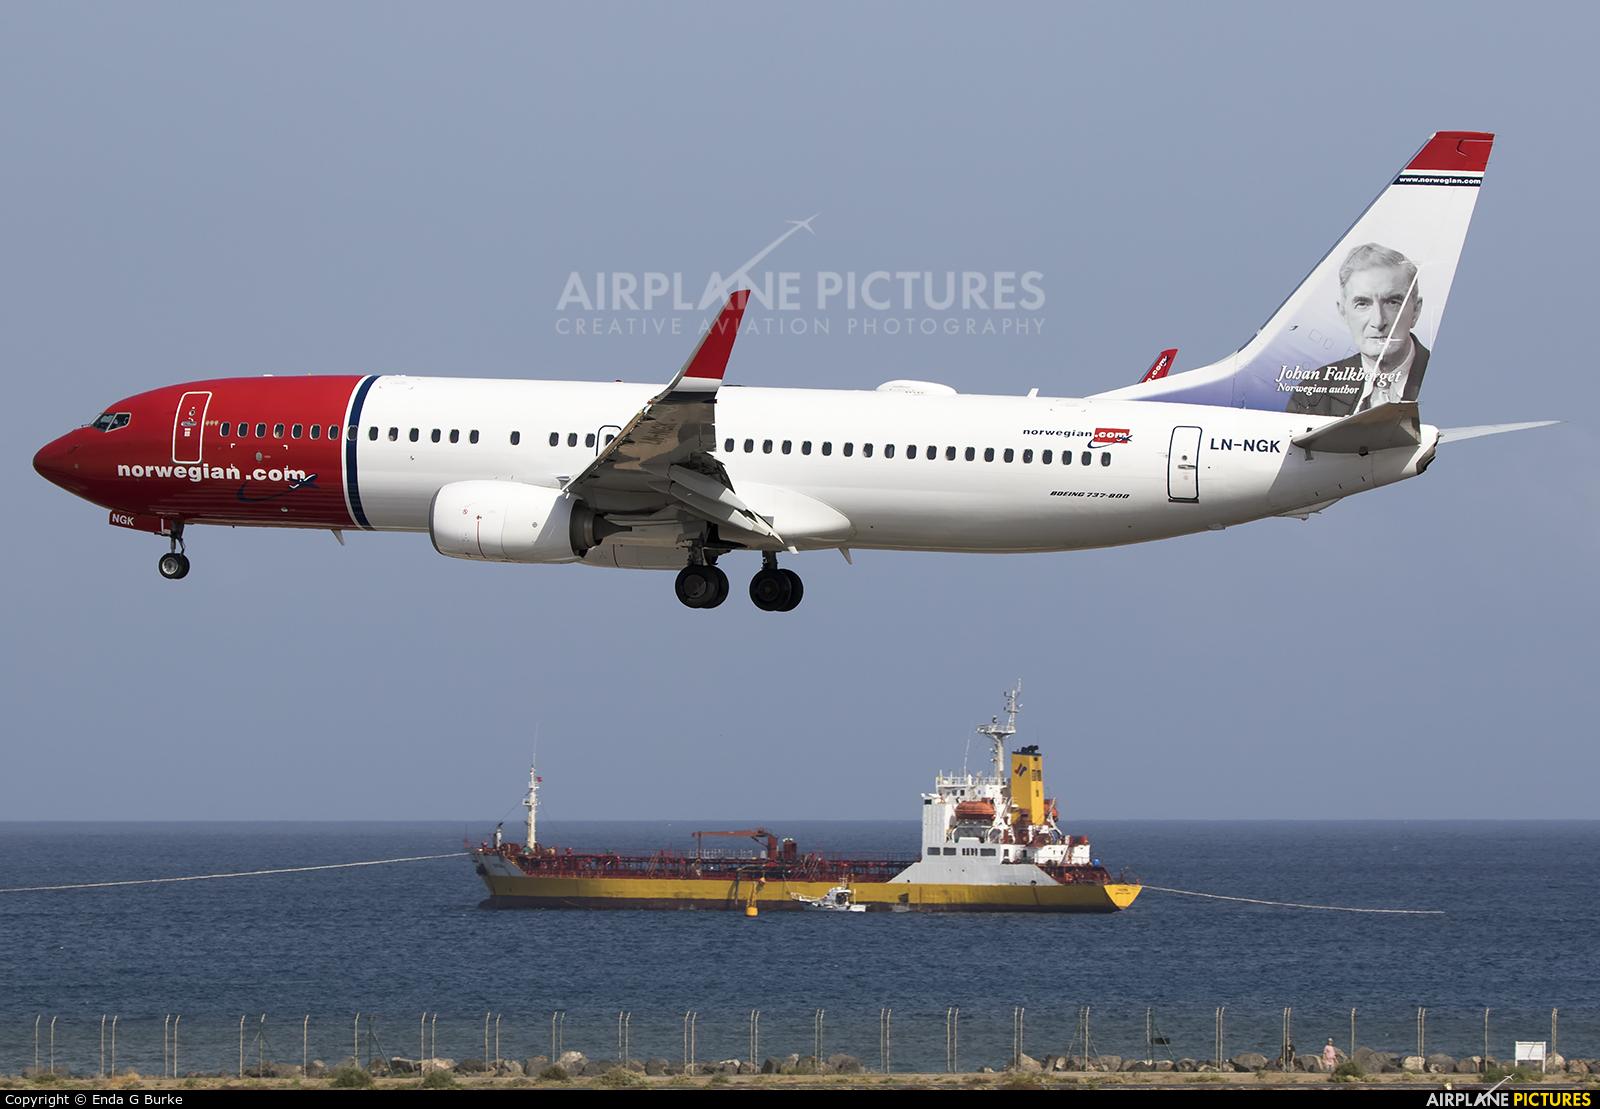 Norwegian Air Shuttle LN-NGK aircraft at